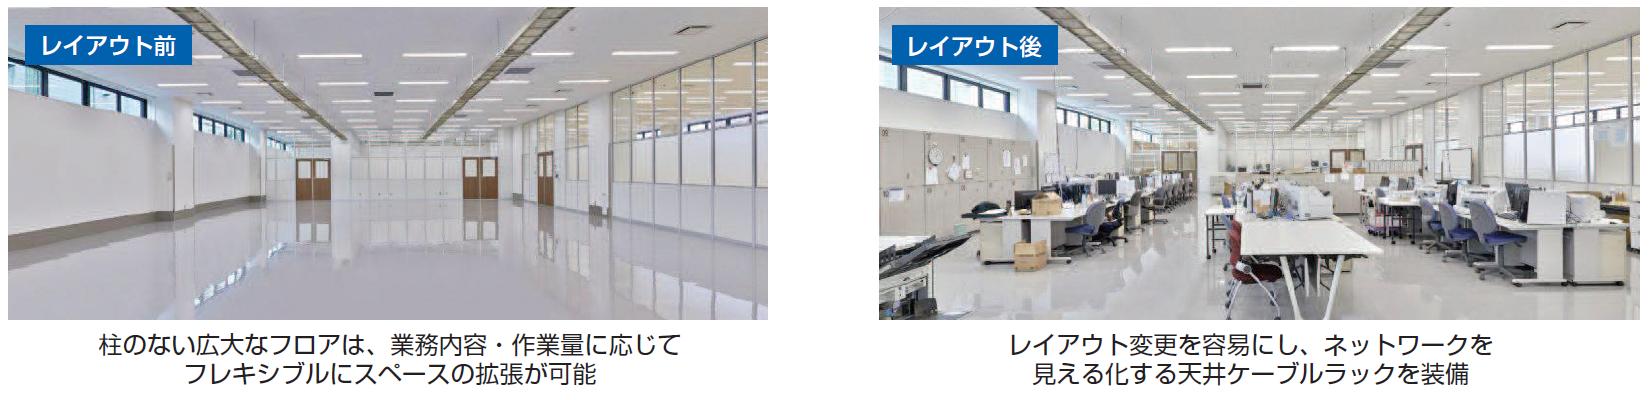 作業環境-レイアウト変更.png